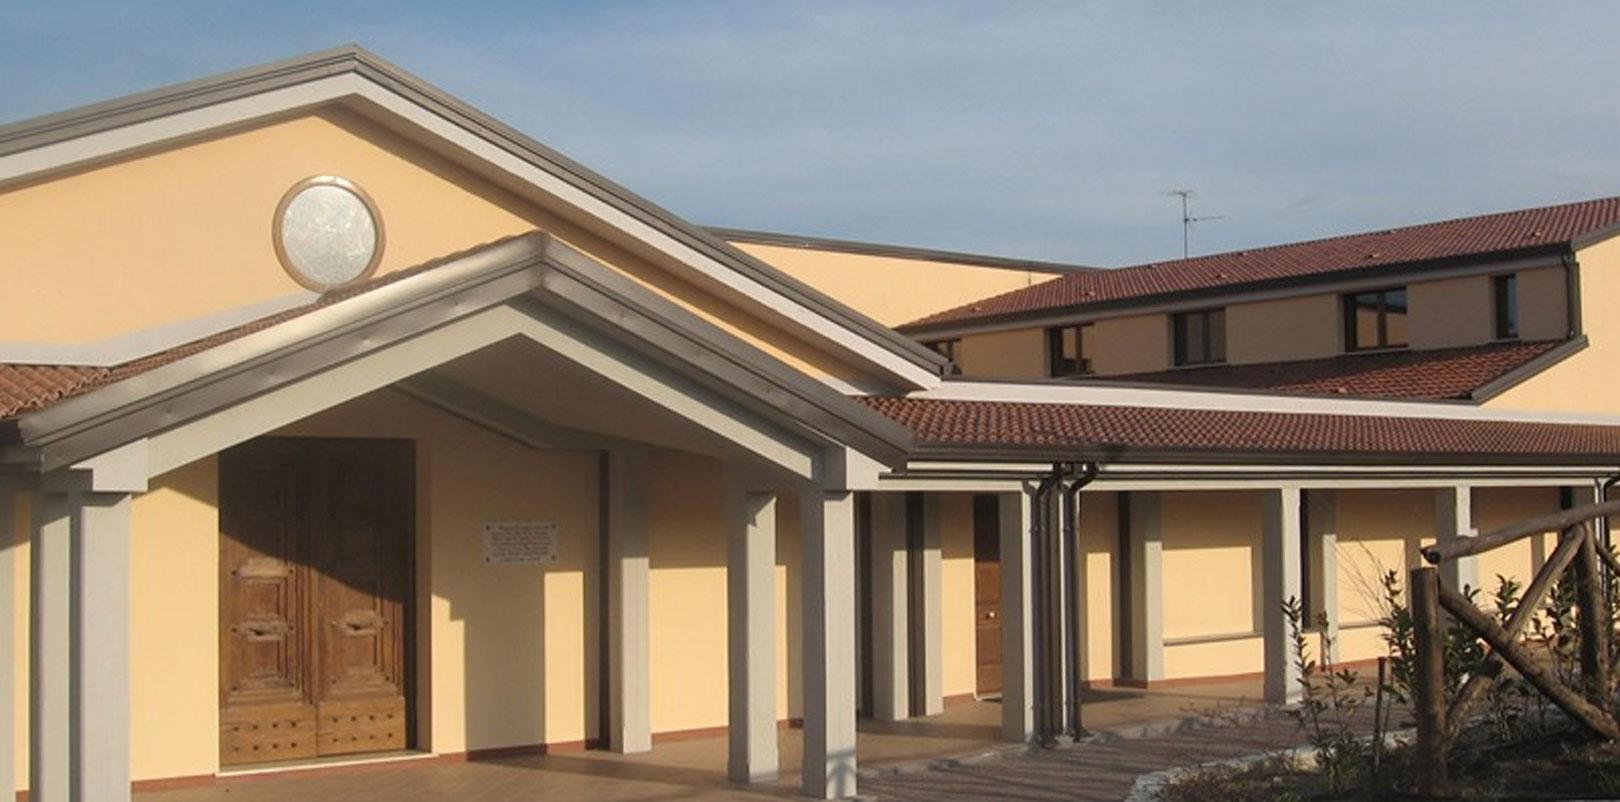 Prodotti del Monastero Santa Chiara